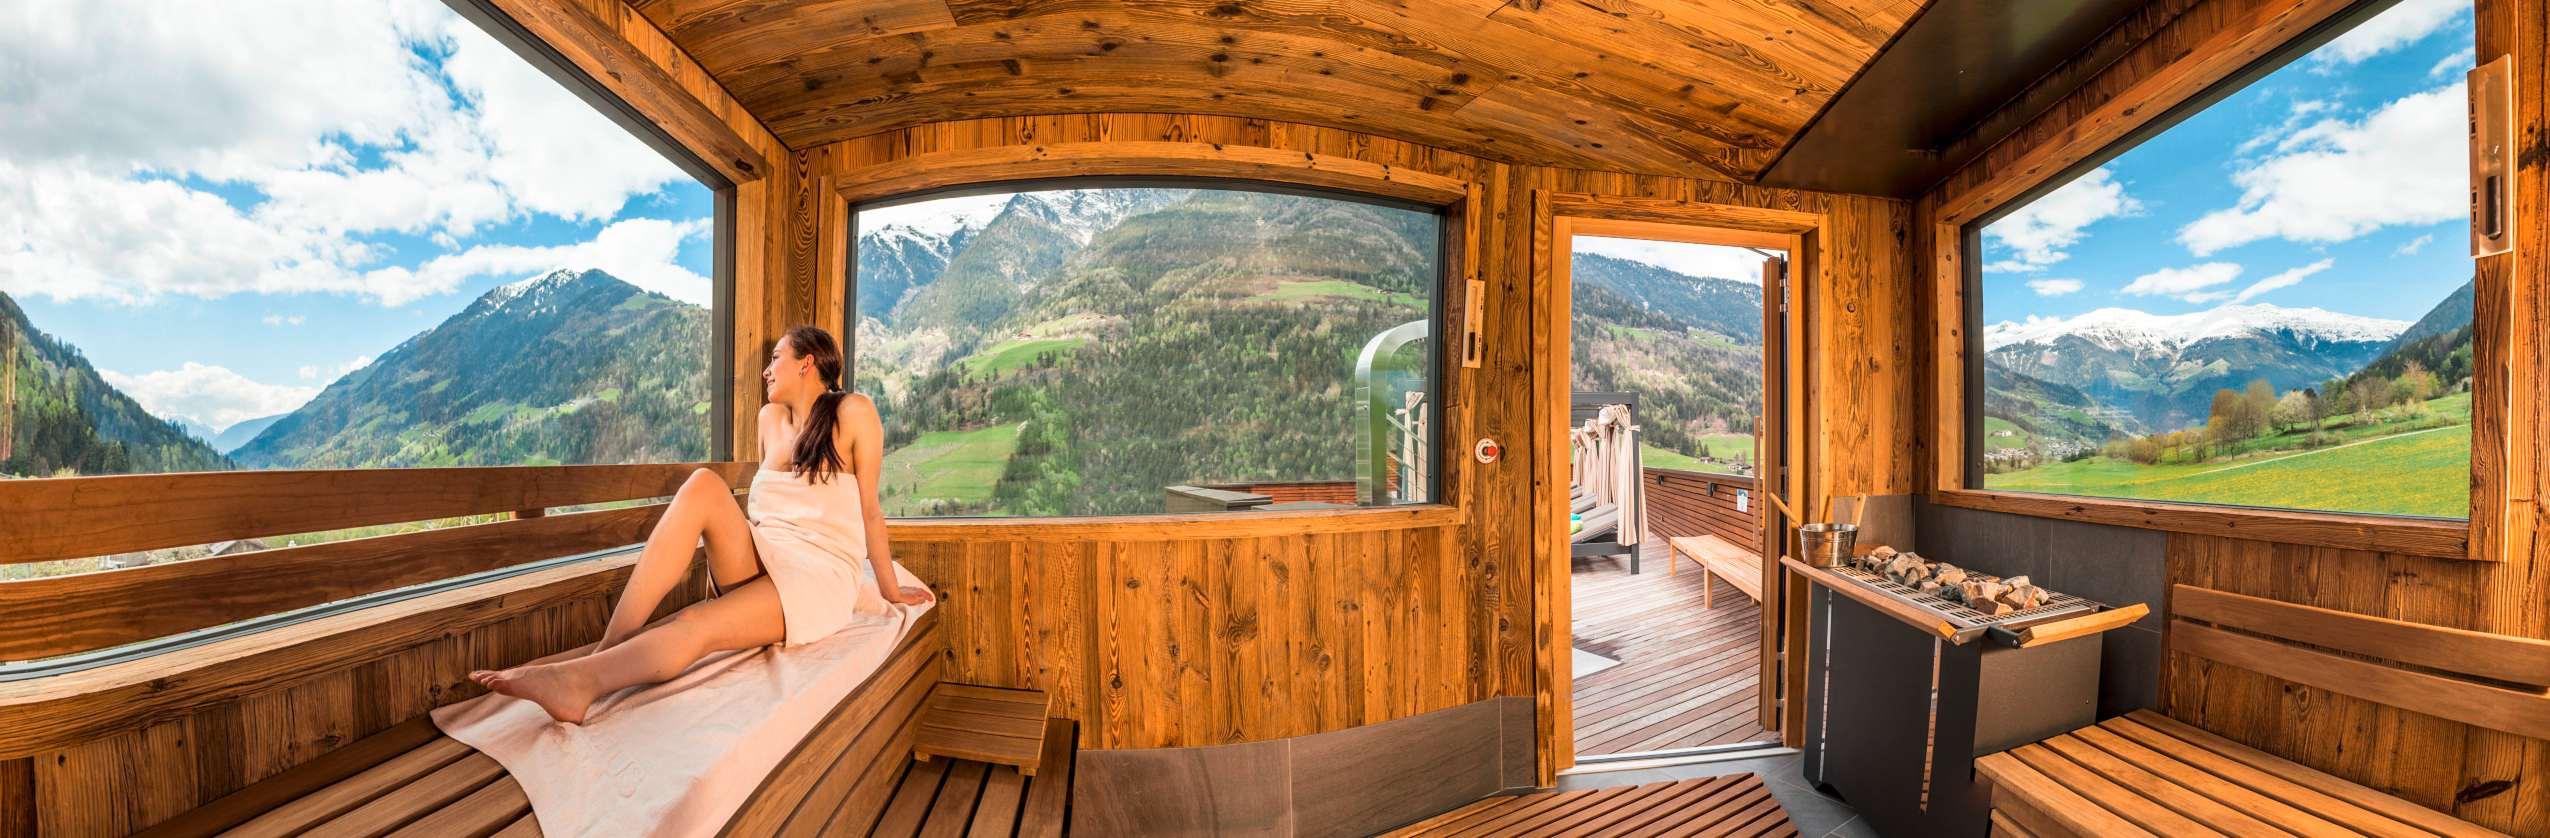 Die Rooftop-Sauna mit malerischem Panorama.